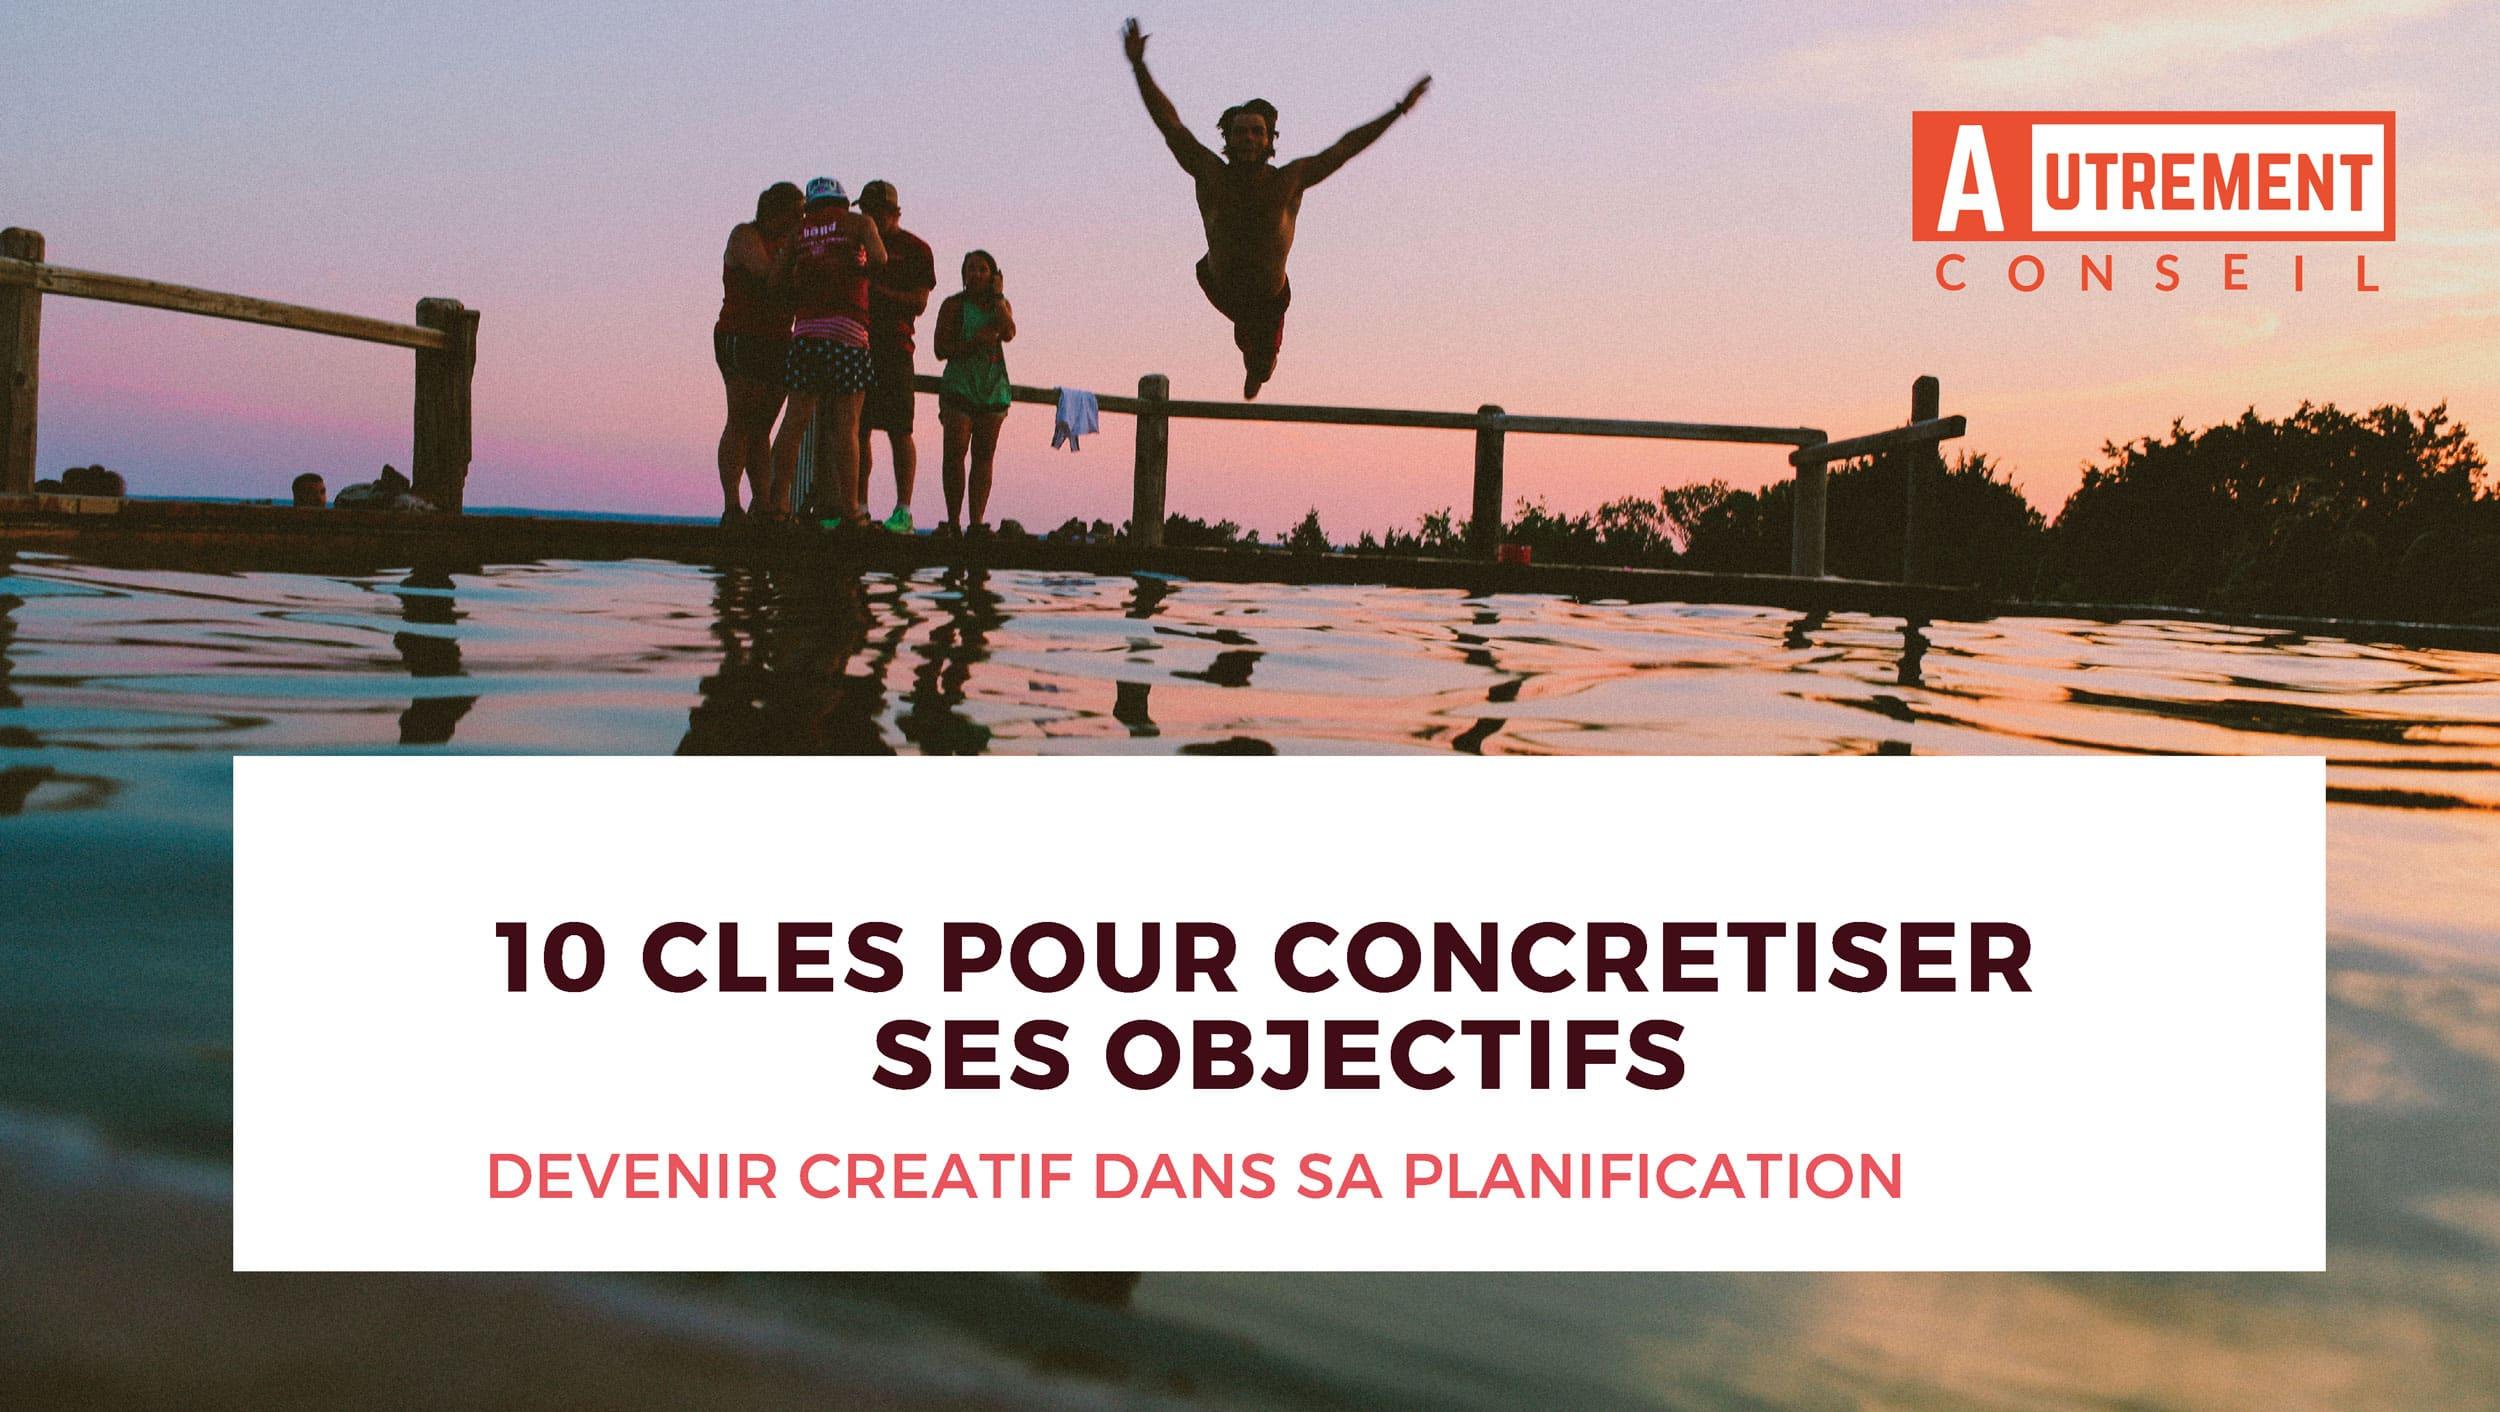 10 CLEFS POUR CONCRETISER SES OBJECTIFS